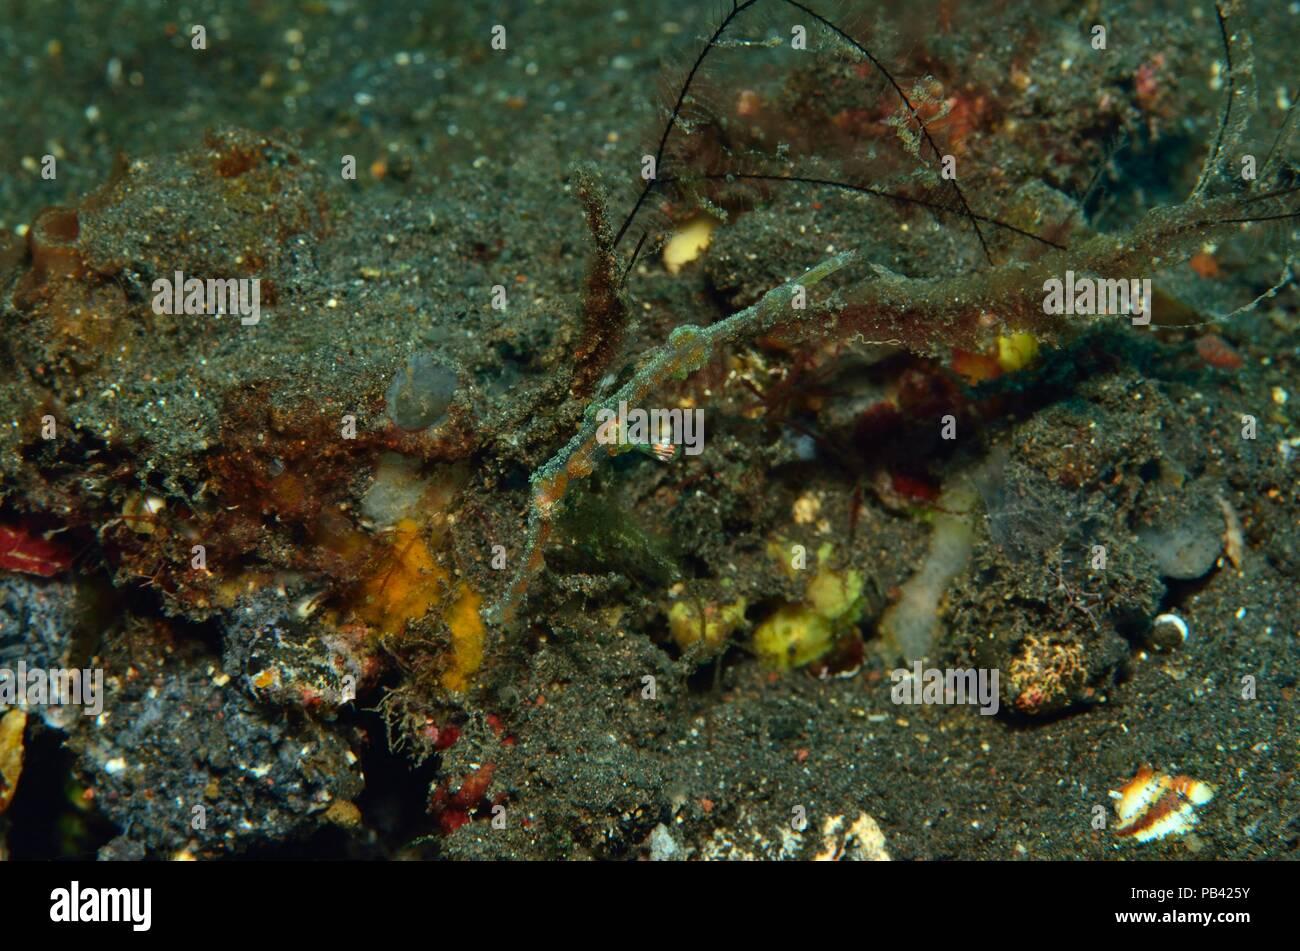 ghost pipefisch, Geisterpfeifenfisch, Solenostomus, Tulamben, Bali, Southeast Asia, Südostasien - Stock Image